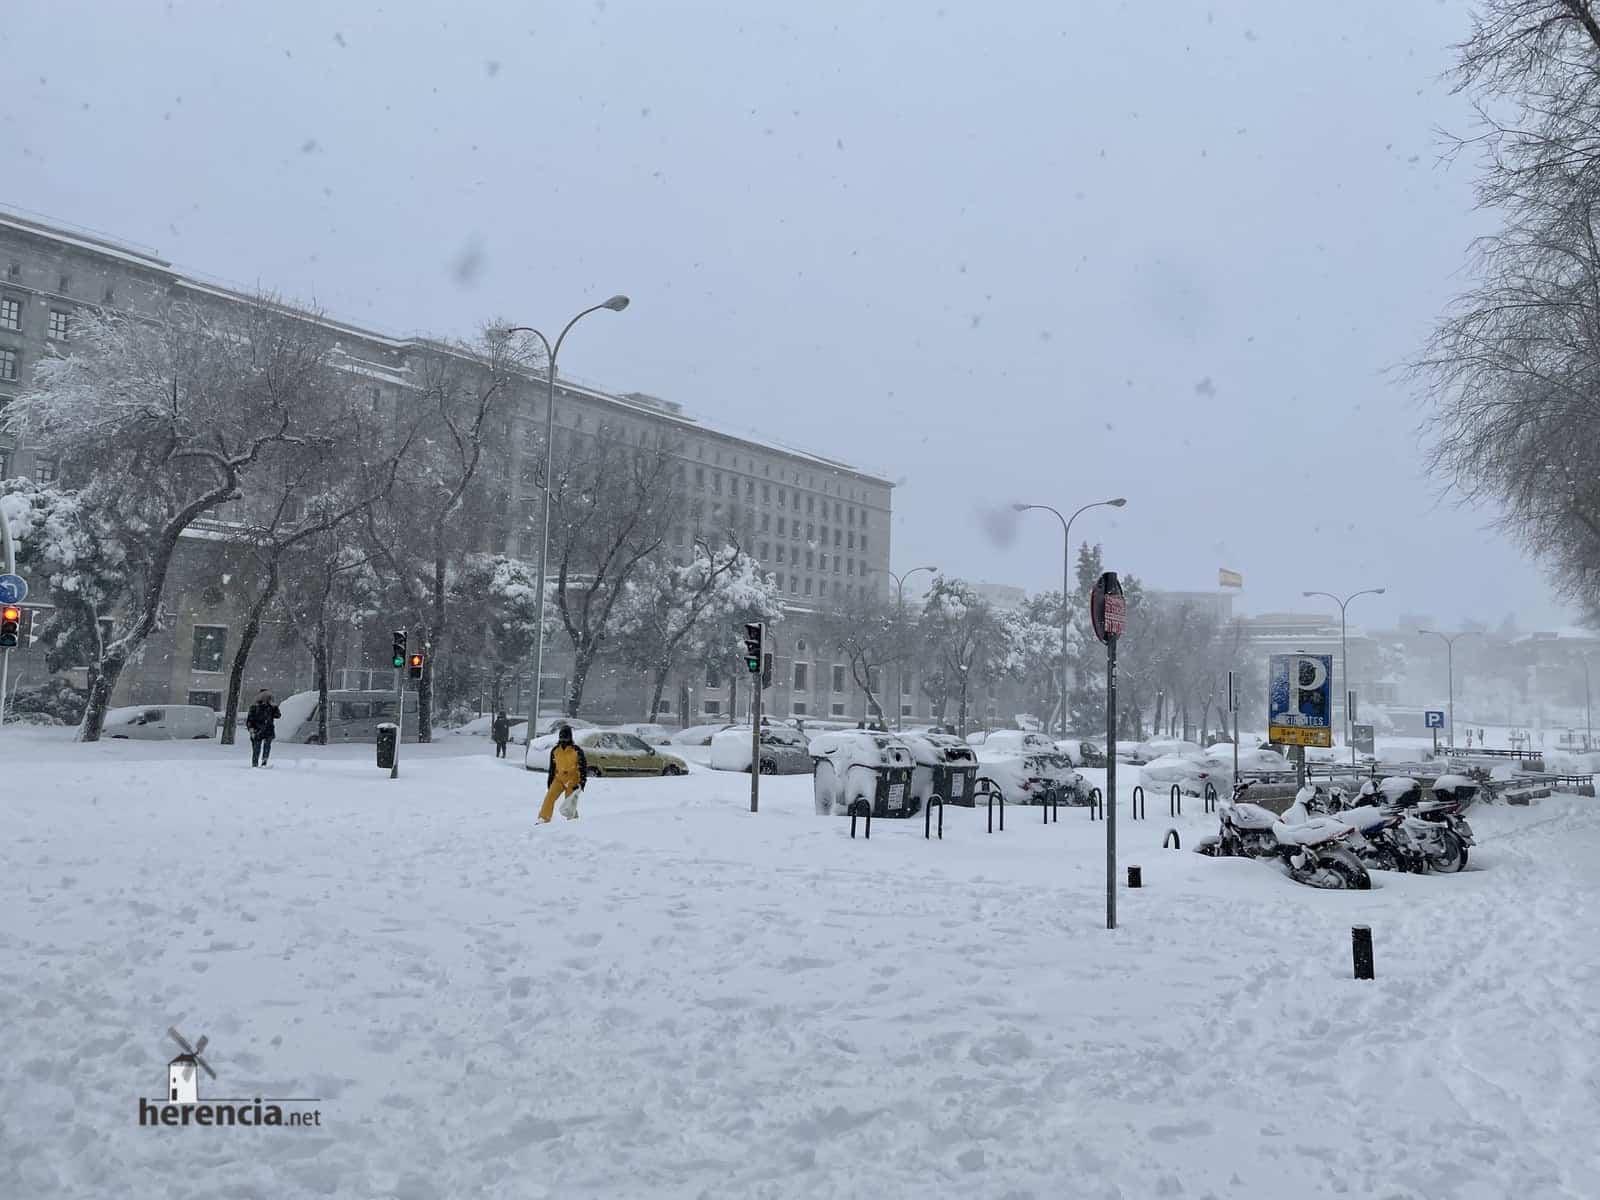 Más fotografías de las nieves de 2021 en Herencia 159